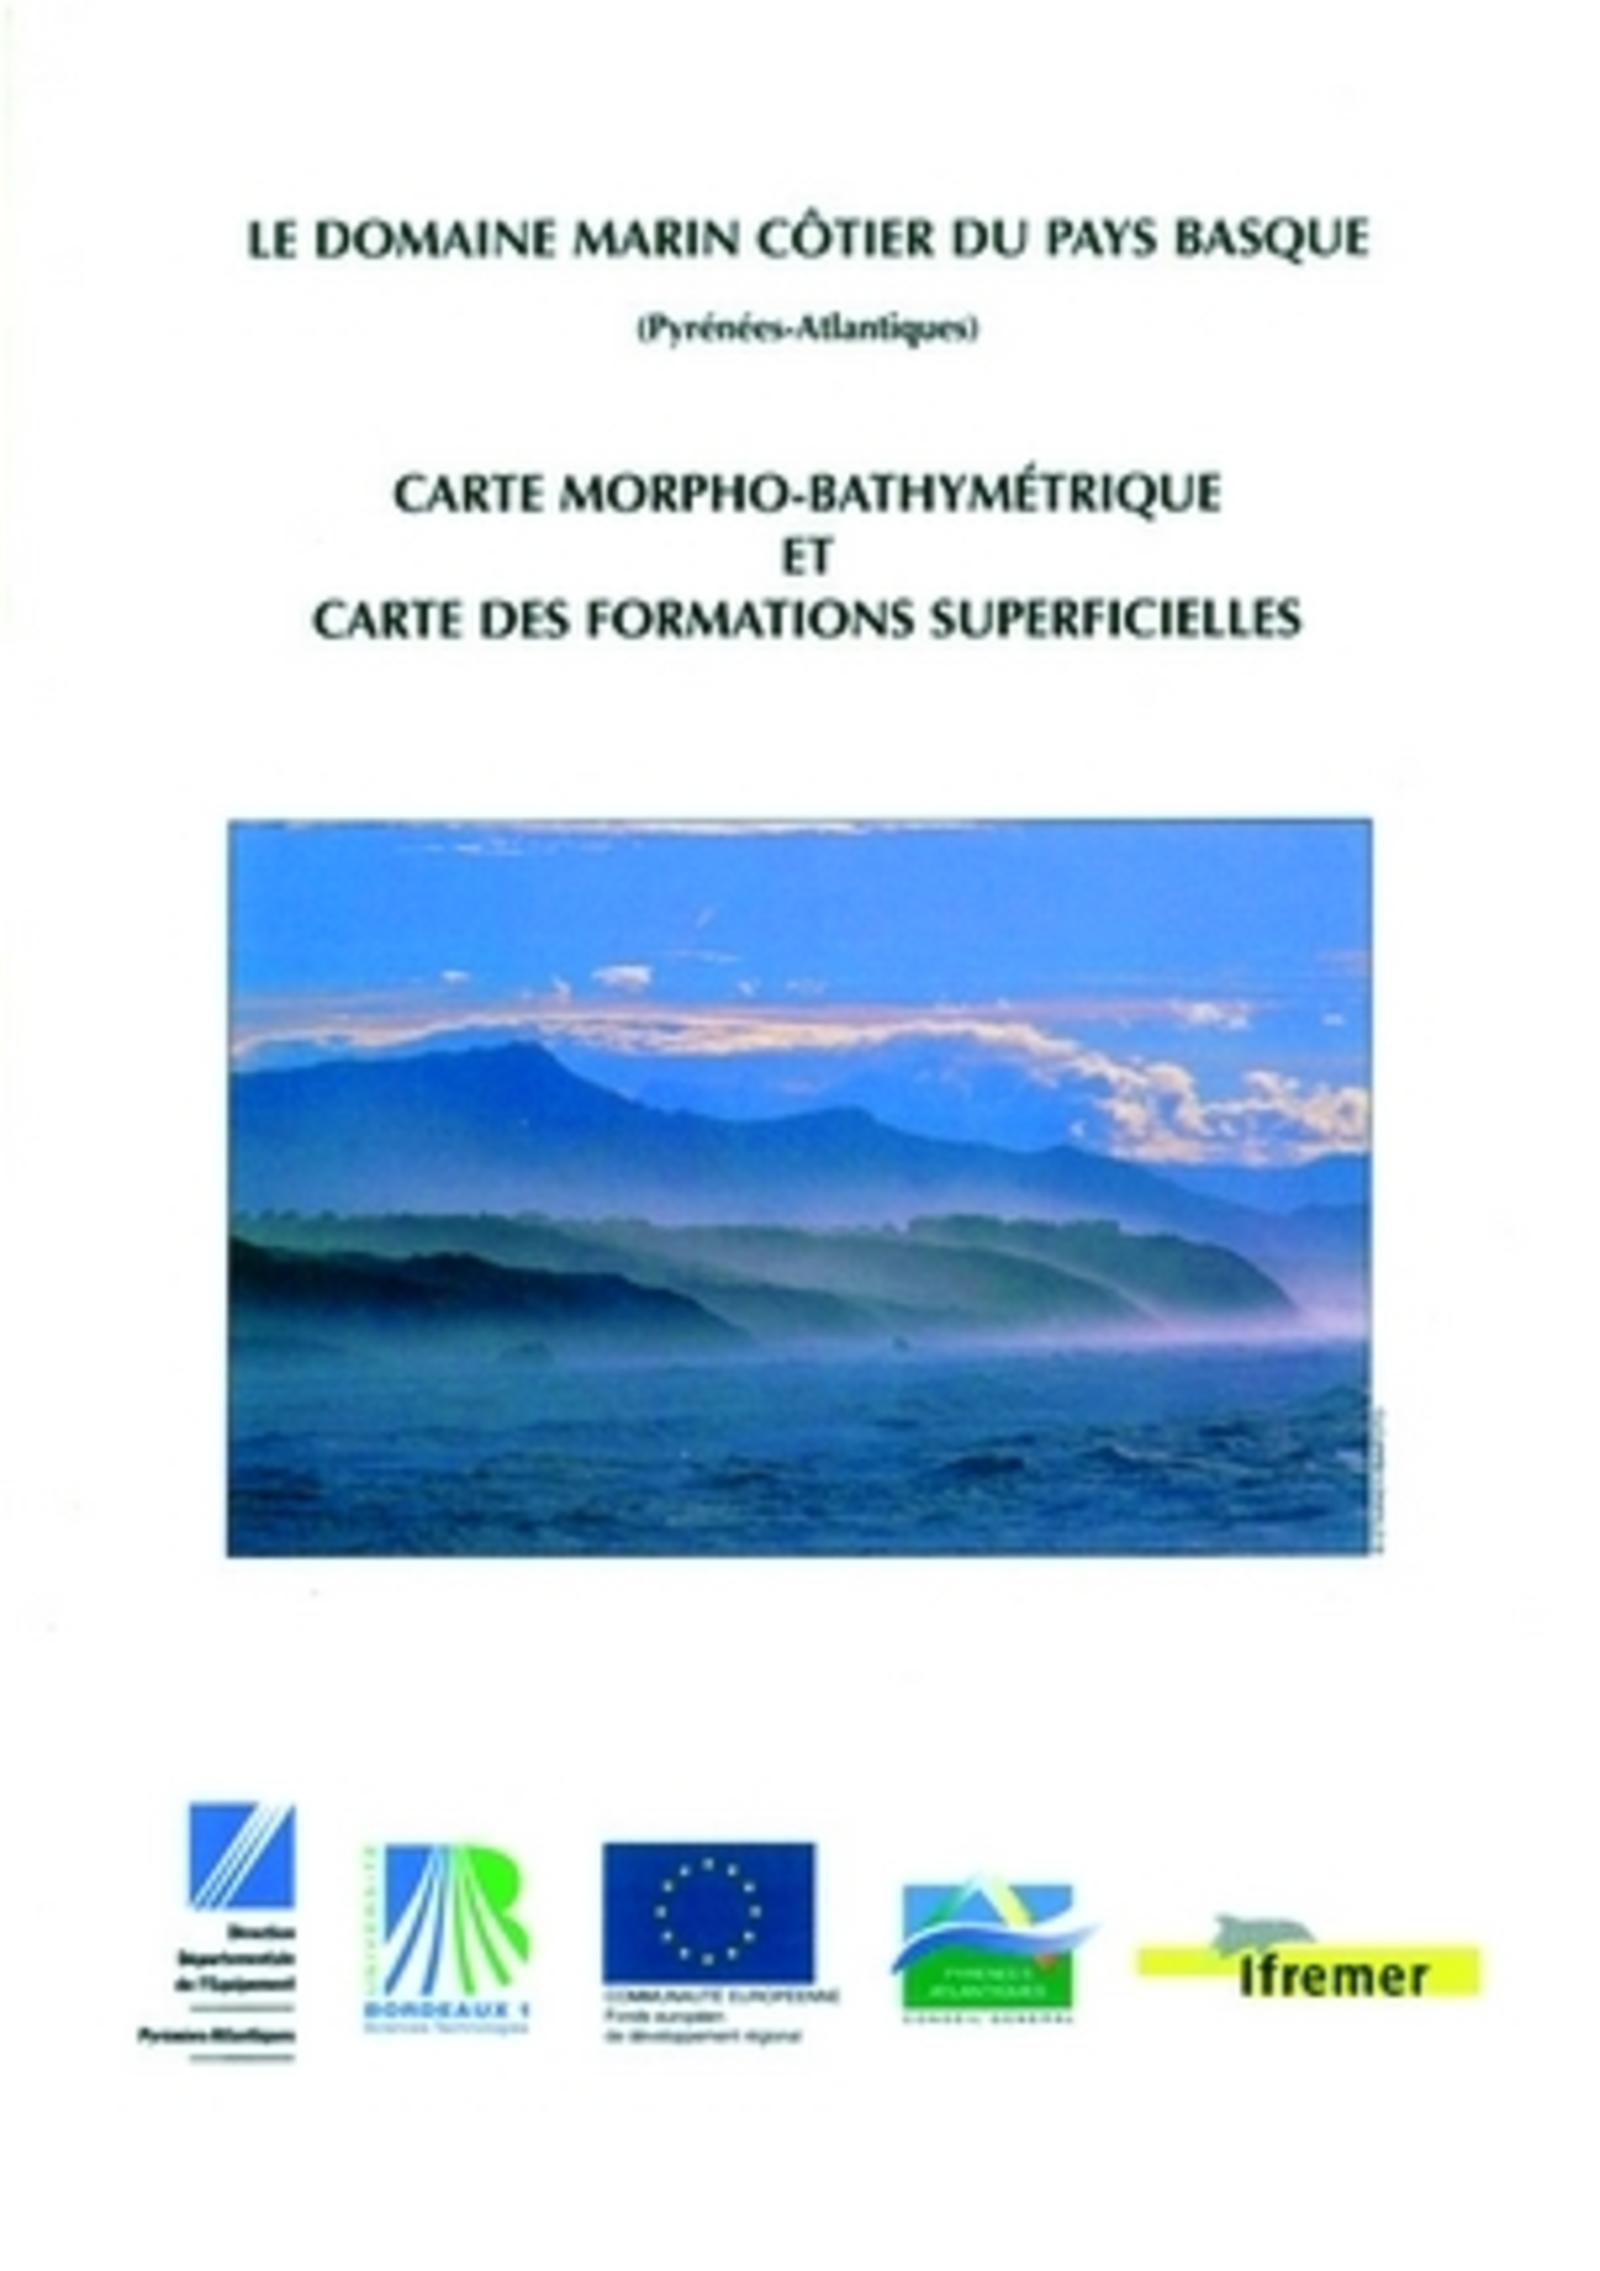 LE DOMAINE MARIN COTIER DU PAYS BASQUE (PYRENEES-ATLANTIQUES) - CARTE MORPHO-BATHYMETRIQUE ET CA